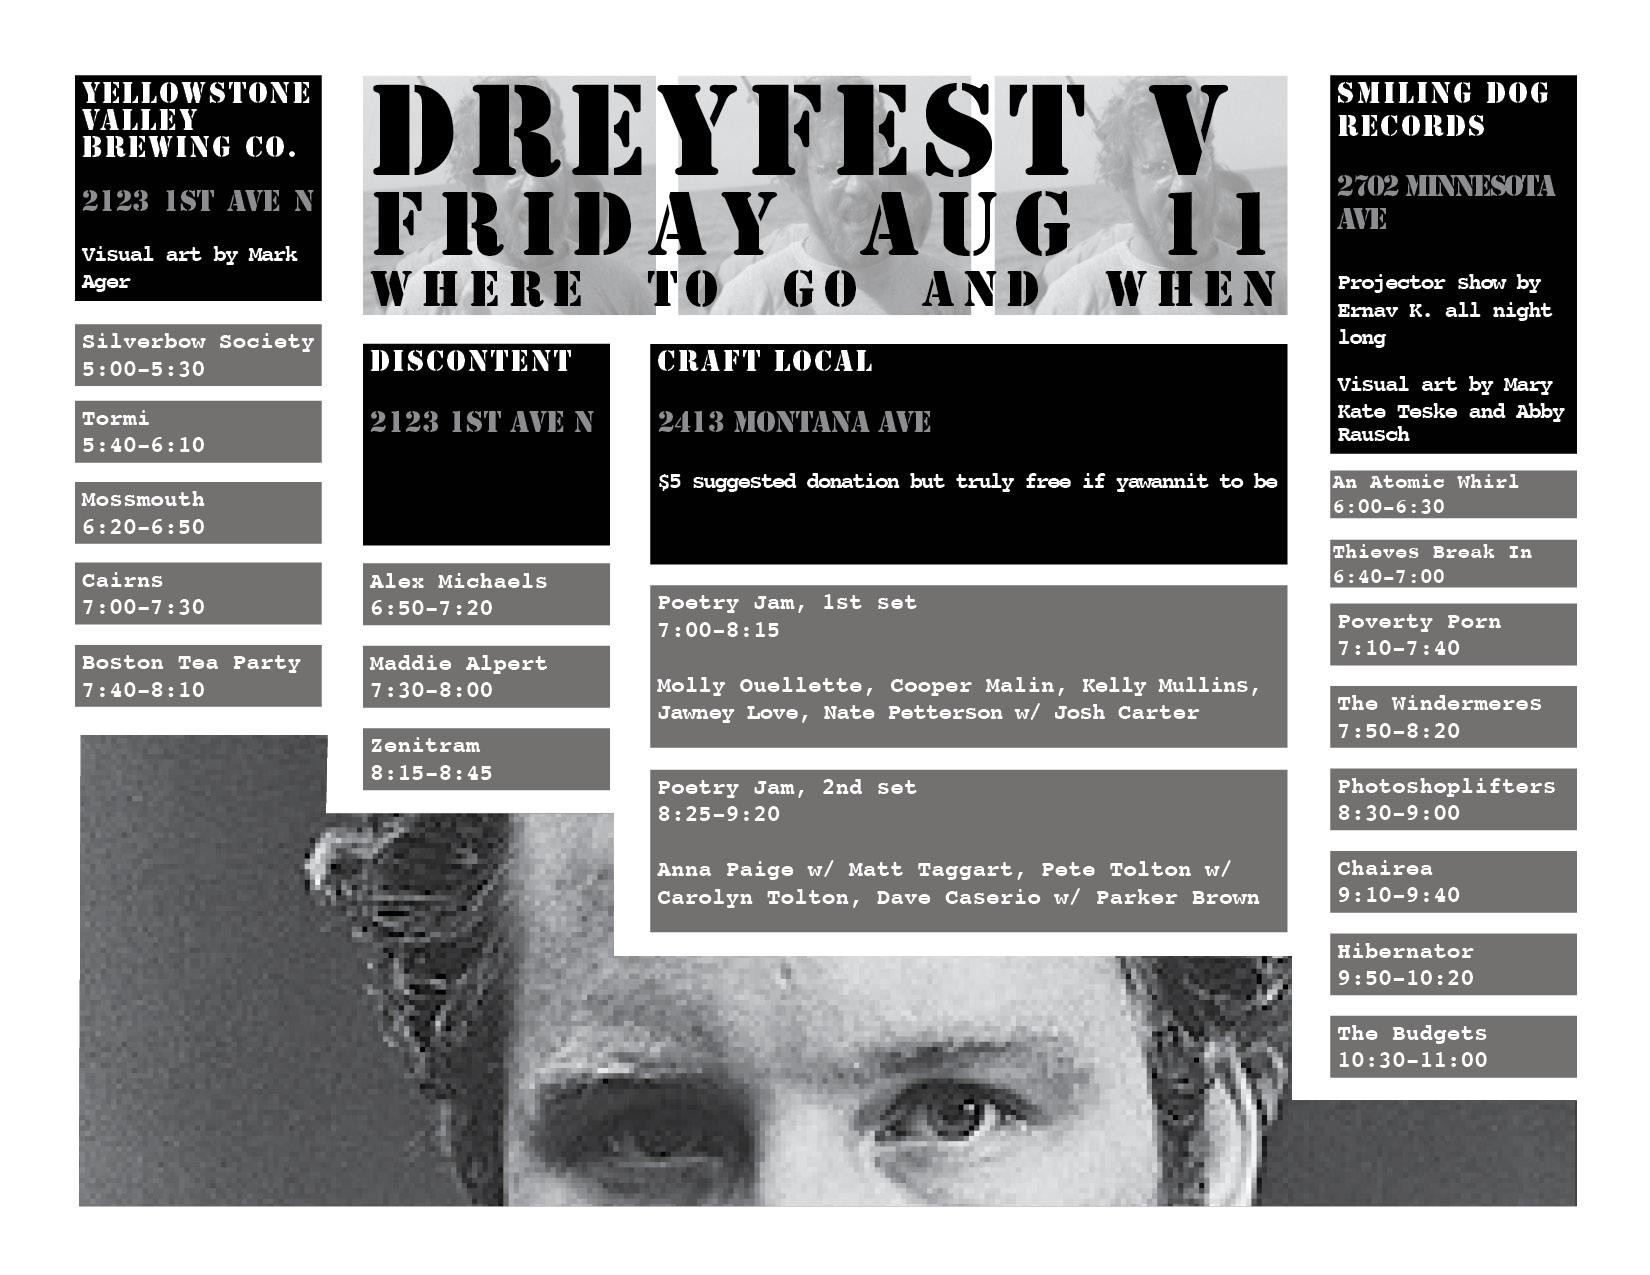 2017 Dreyfest master schedule DRAFT07 pg2.jpg